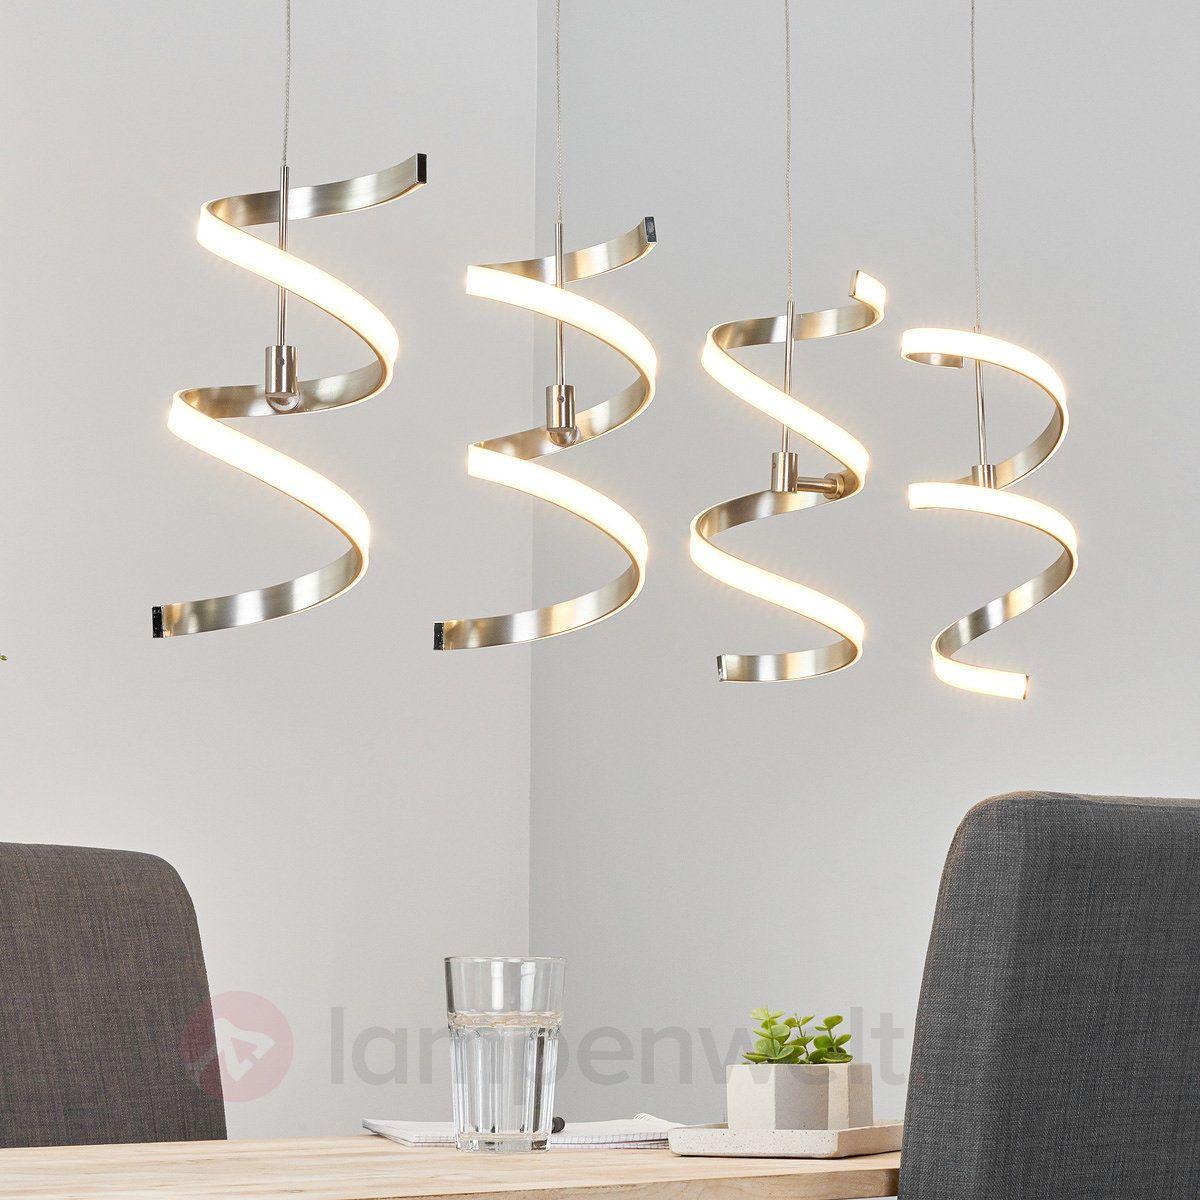 LED Hängeleuchte Pierre Spiralen 4 Flammig Esszimmer Hängelampe Modern LEDs